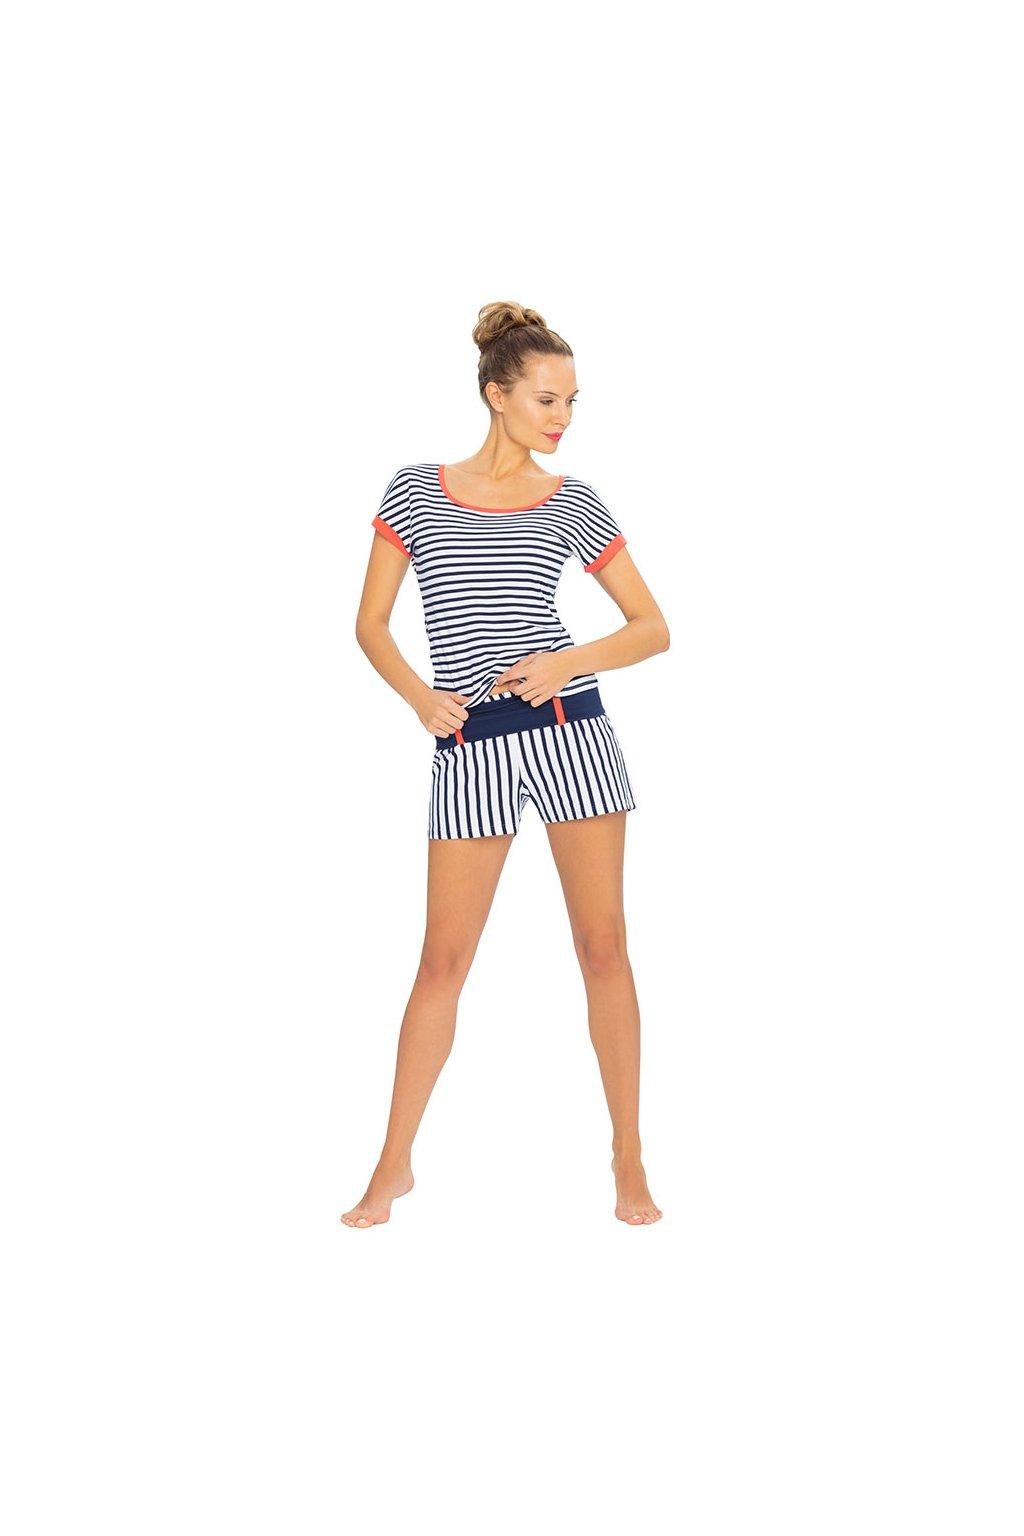 Dámské pyžamo s krátkým rukávem, 104406 28, modrá